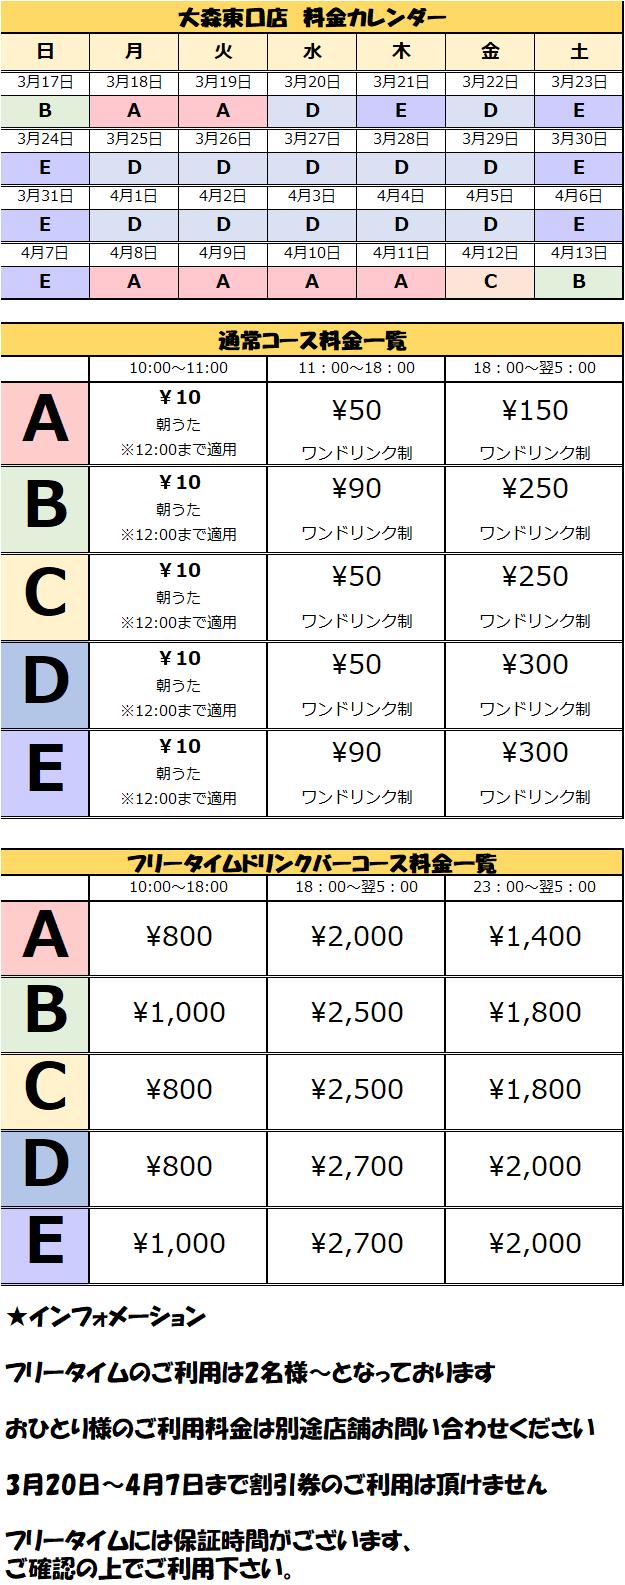 【3月度】001.室料変更報告書(大森東口店)ver2.png